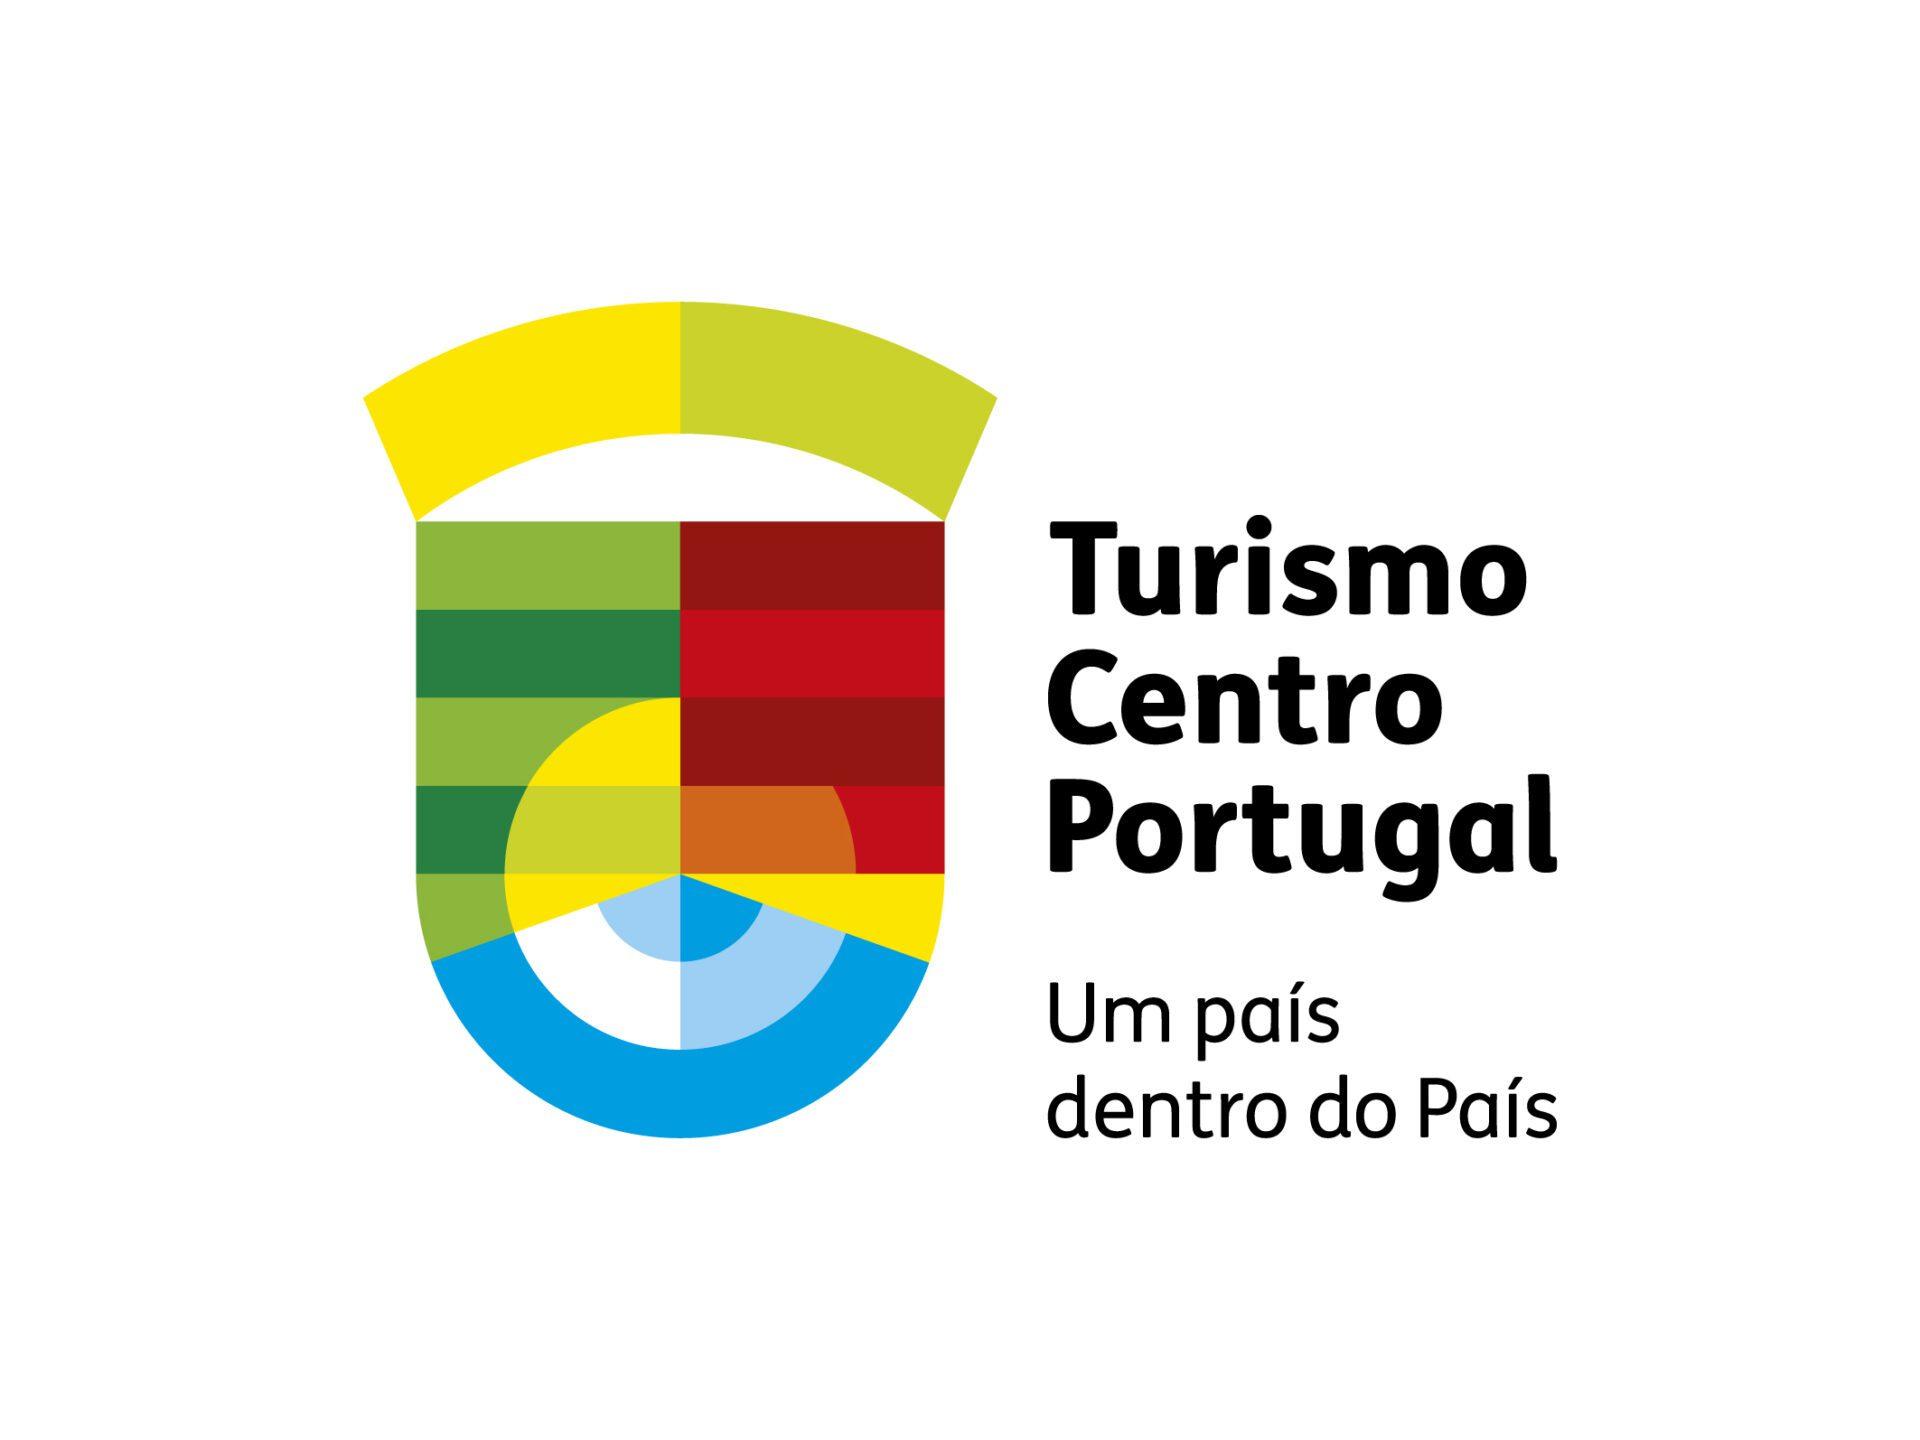 Turismo Centro de Portugal renova a confiança no Atelier do Caractere